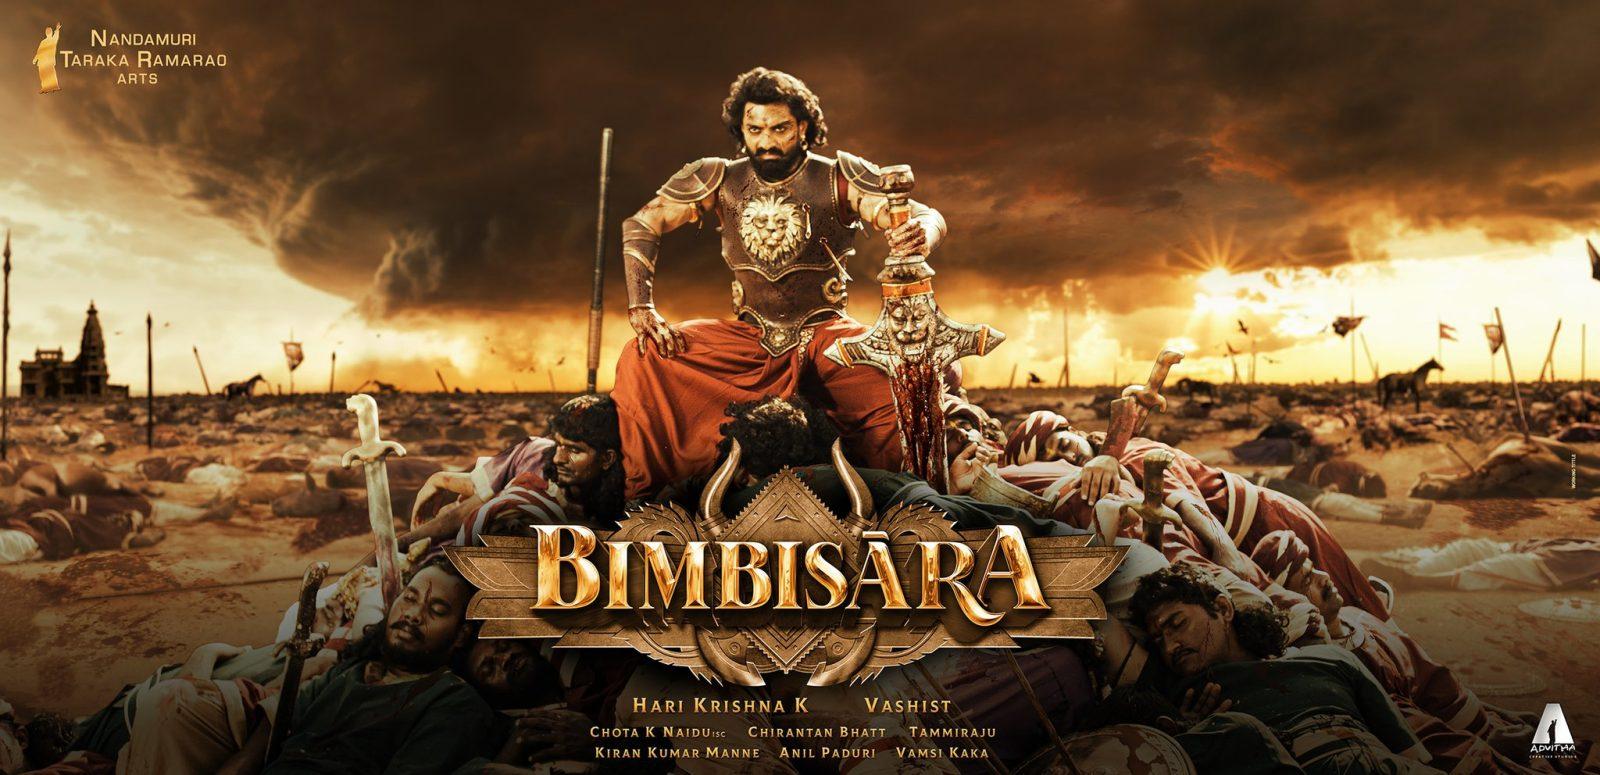 Bimbisara First Look